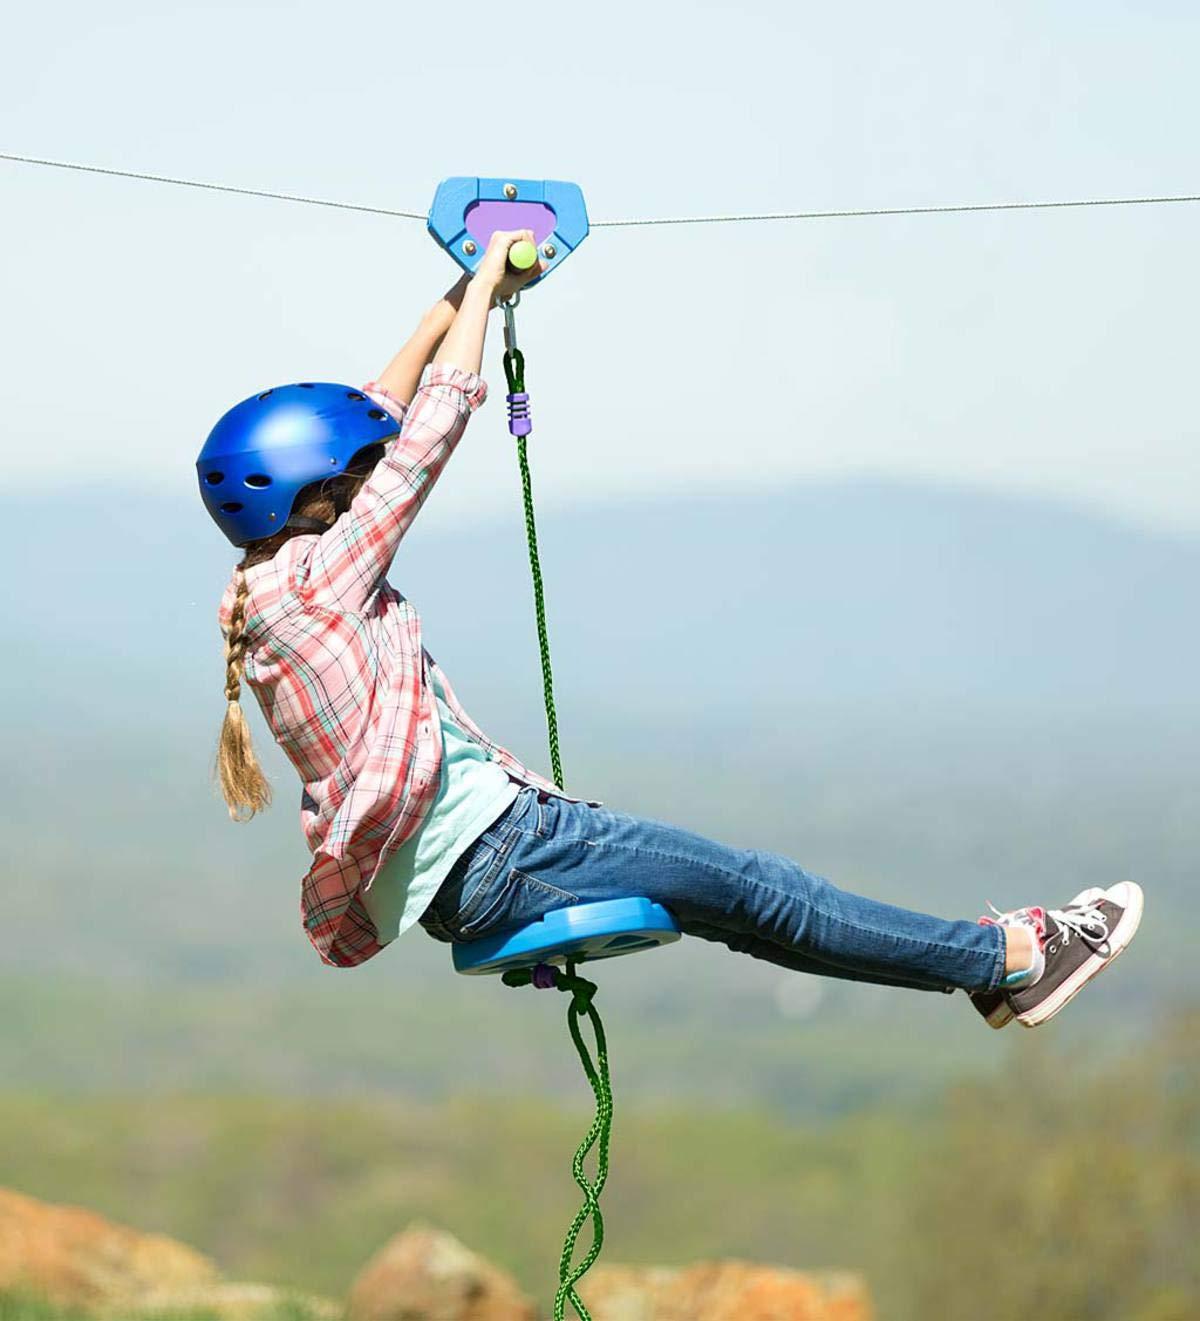 HearthSong%C2%AE 150 Foot Blue Zipline Kids